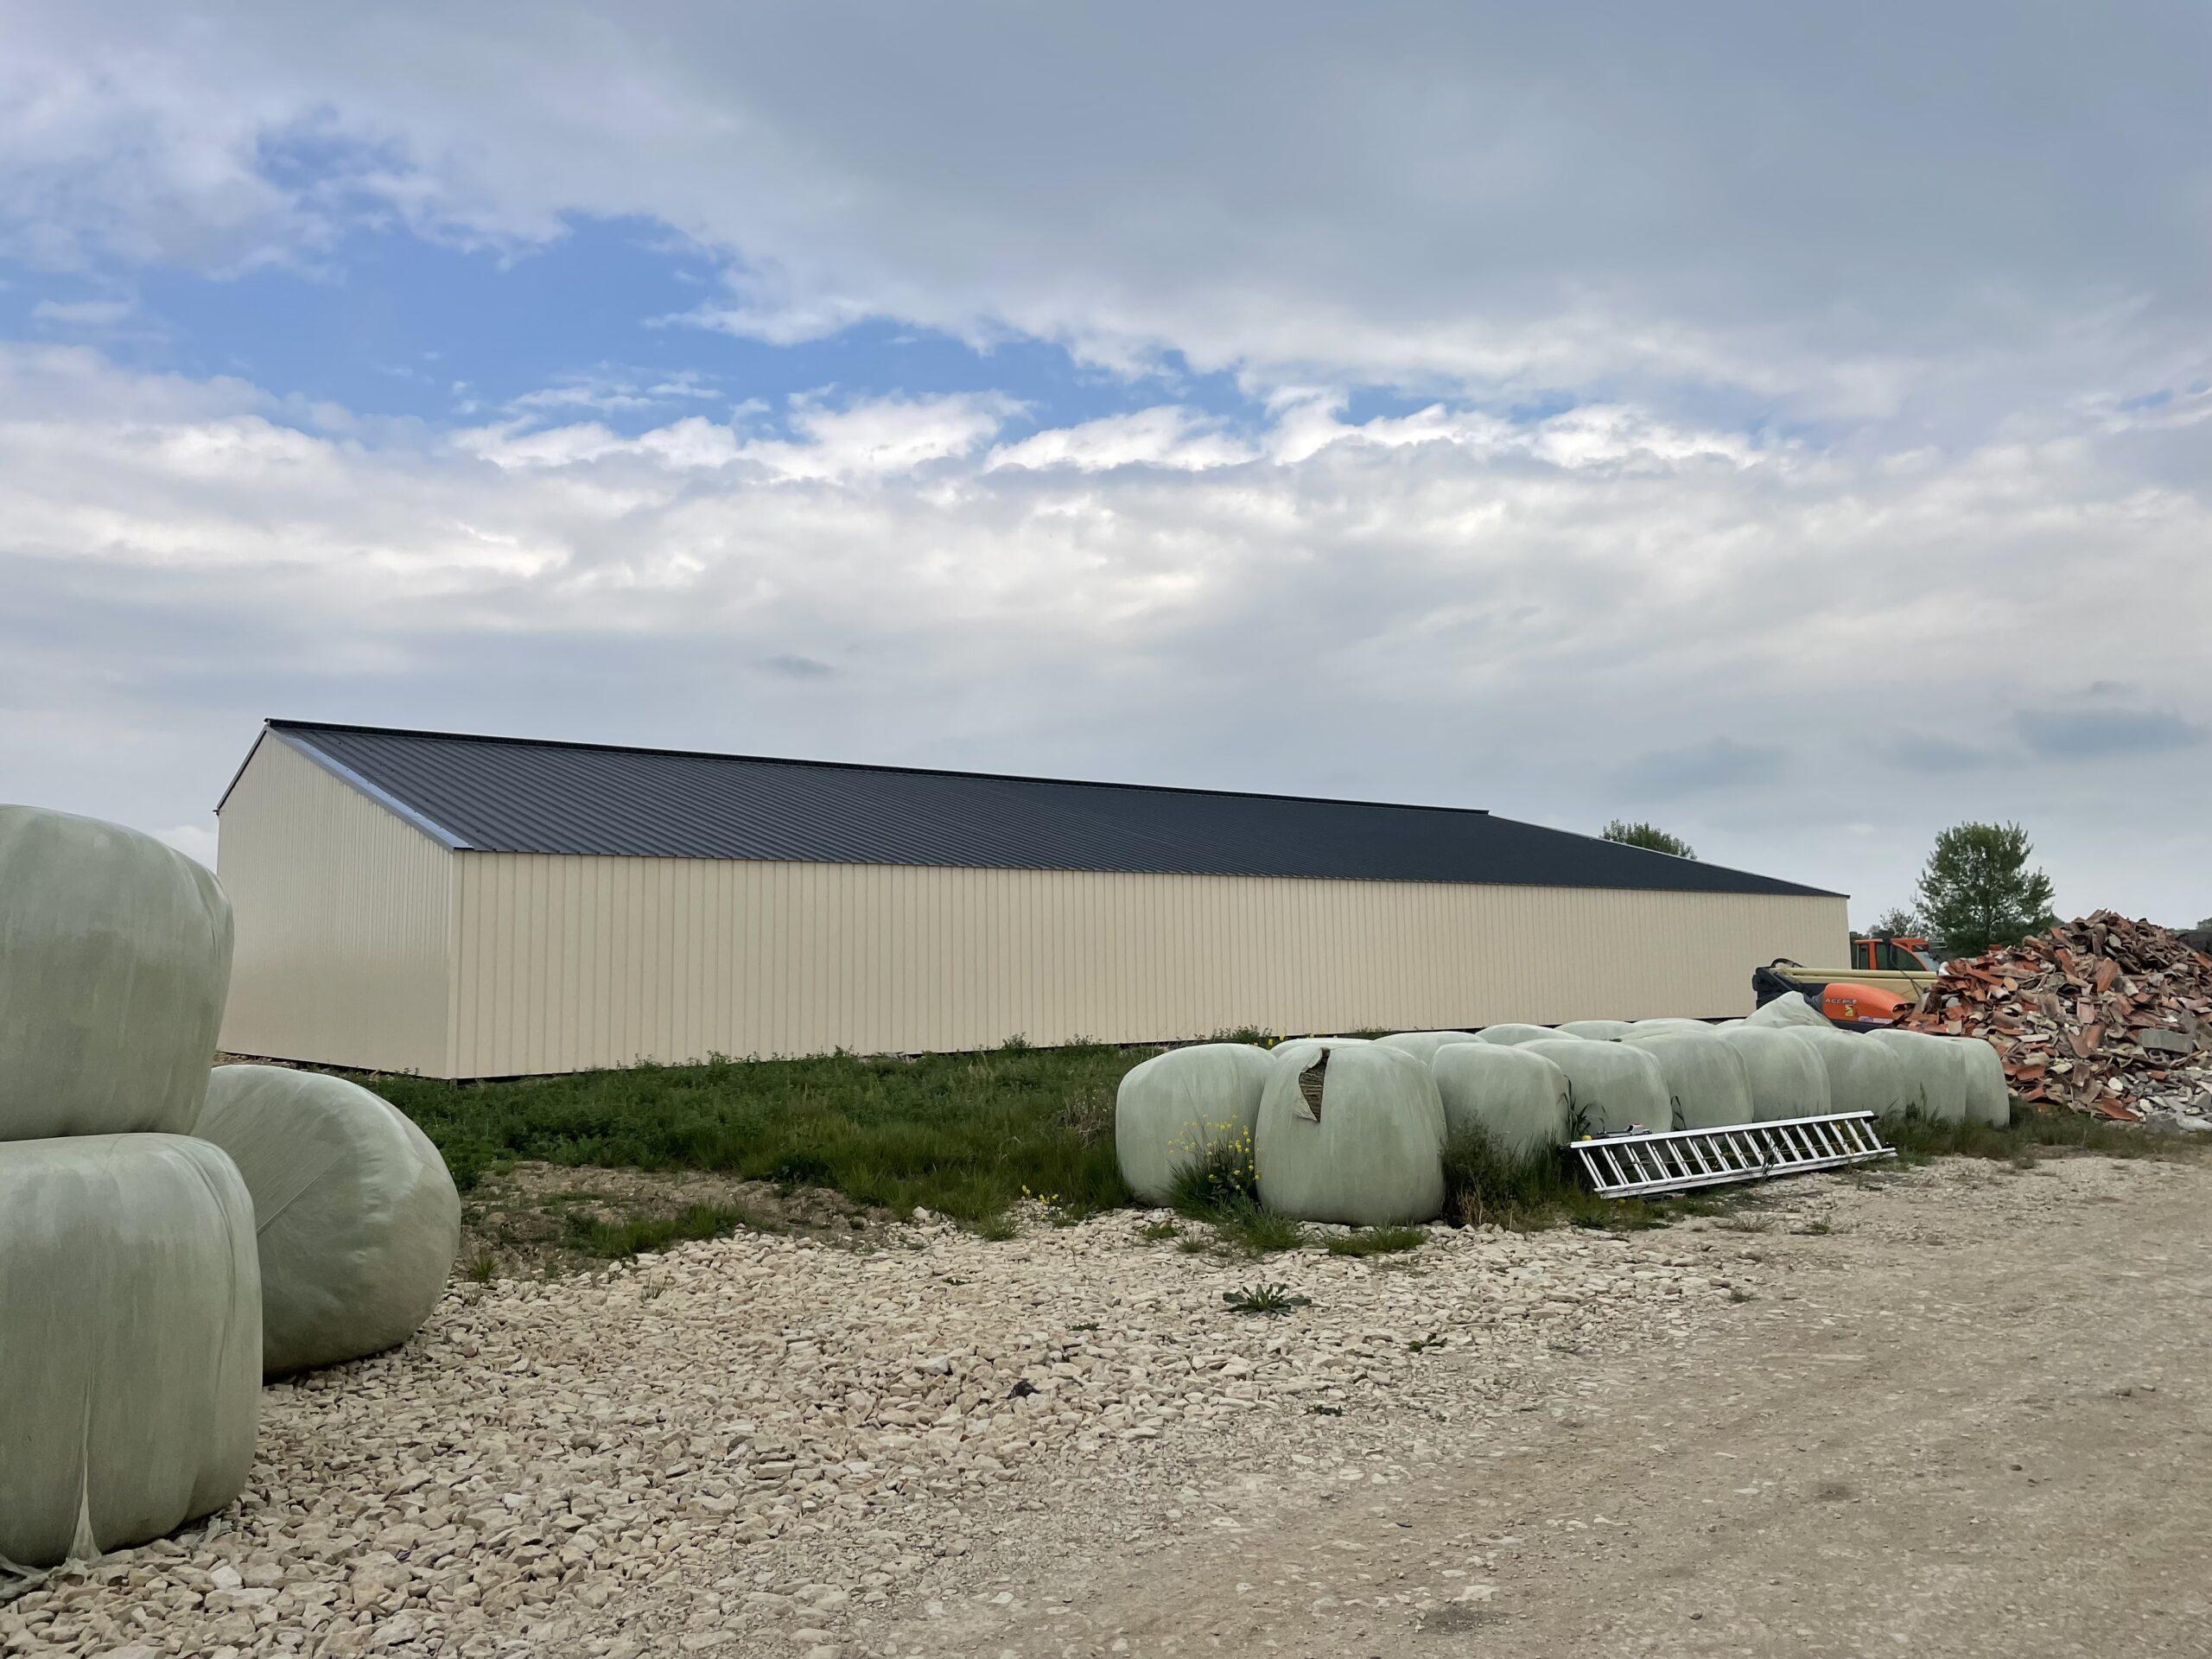 Hangars neuf avec panneaux solaires sur le toit et des bottes de pailles devants